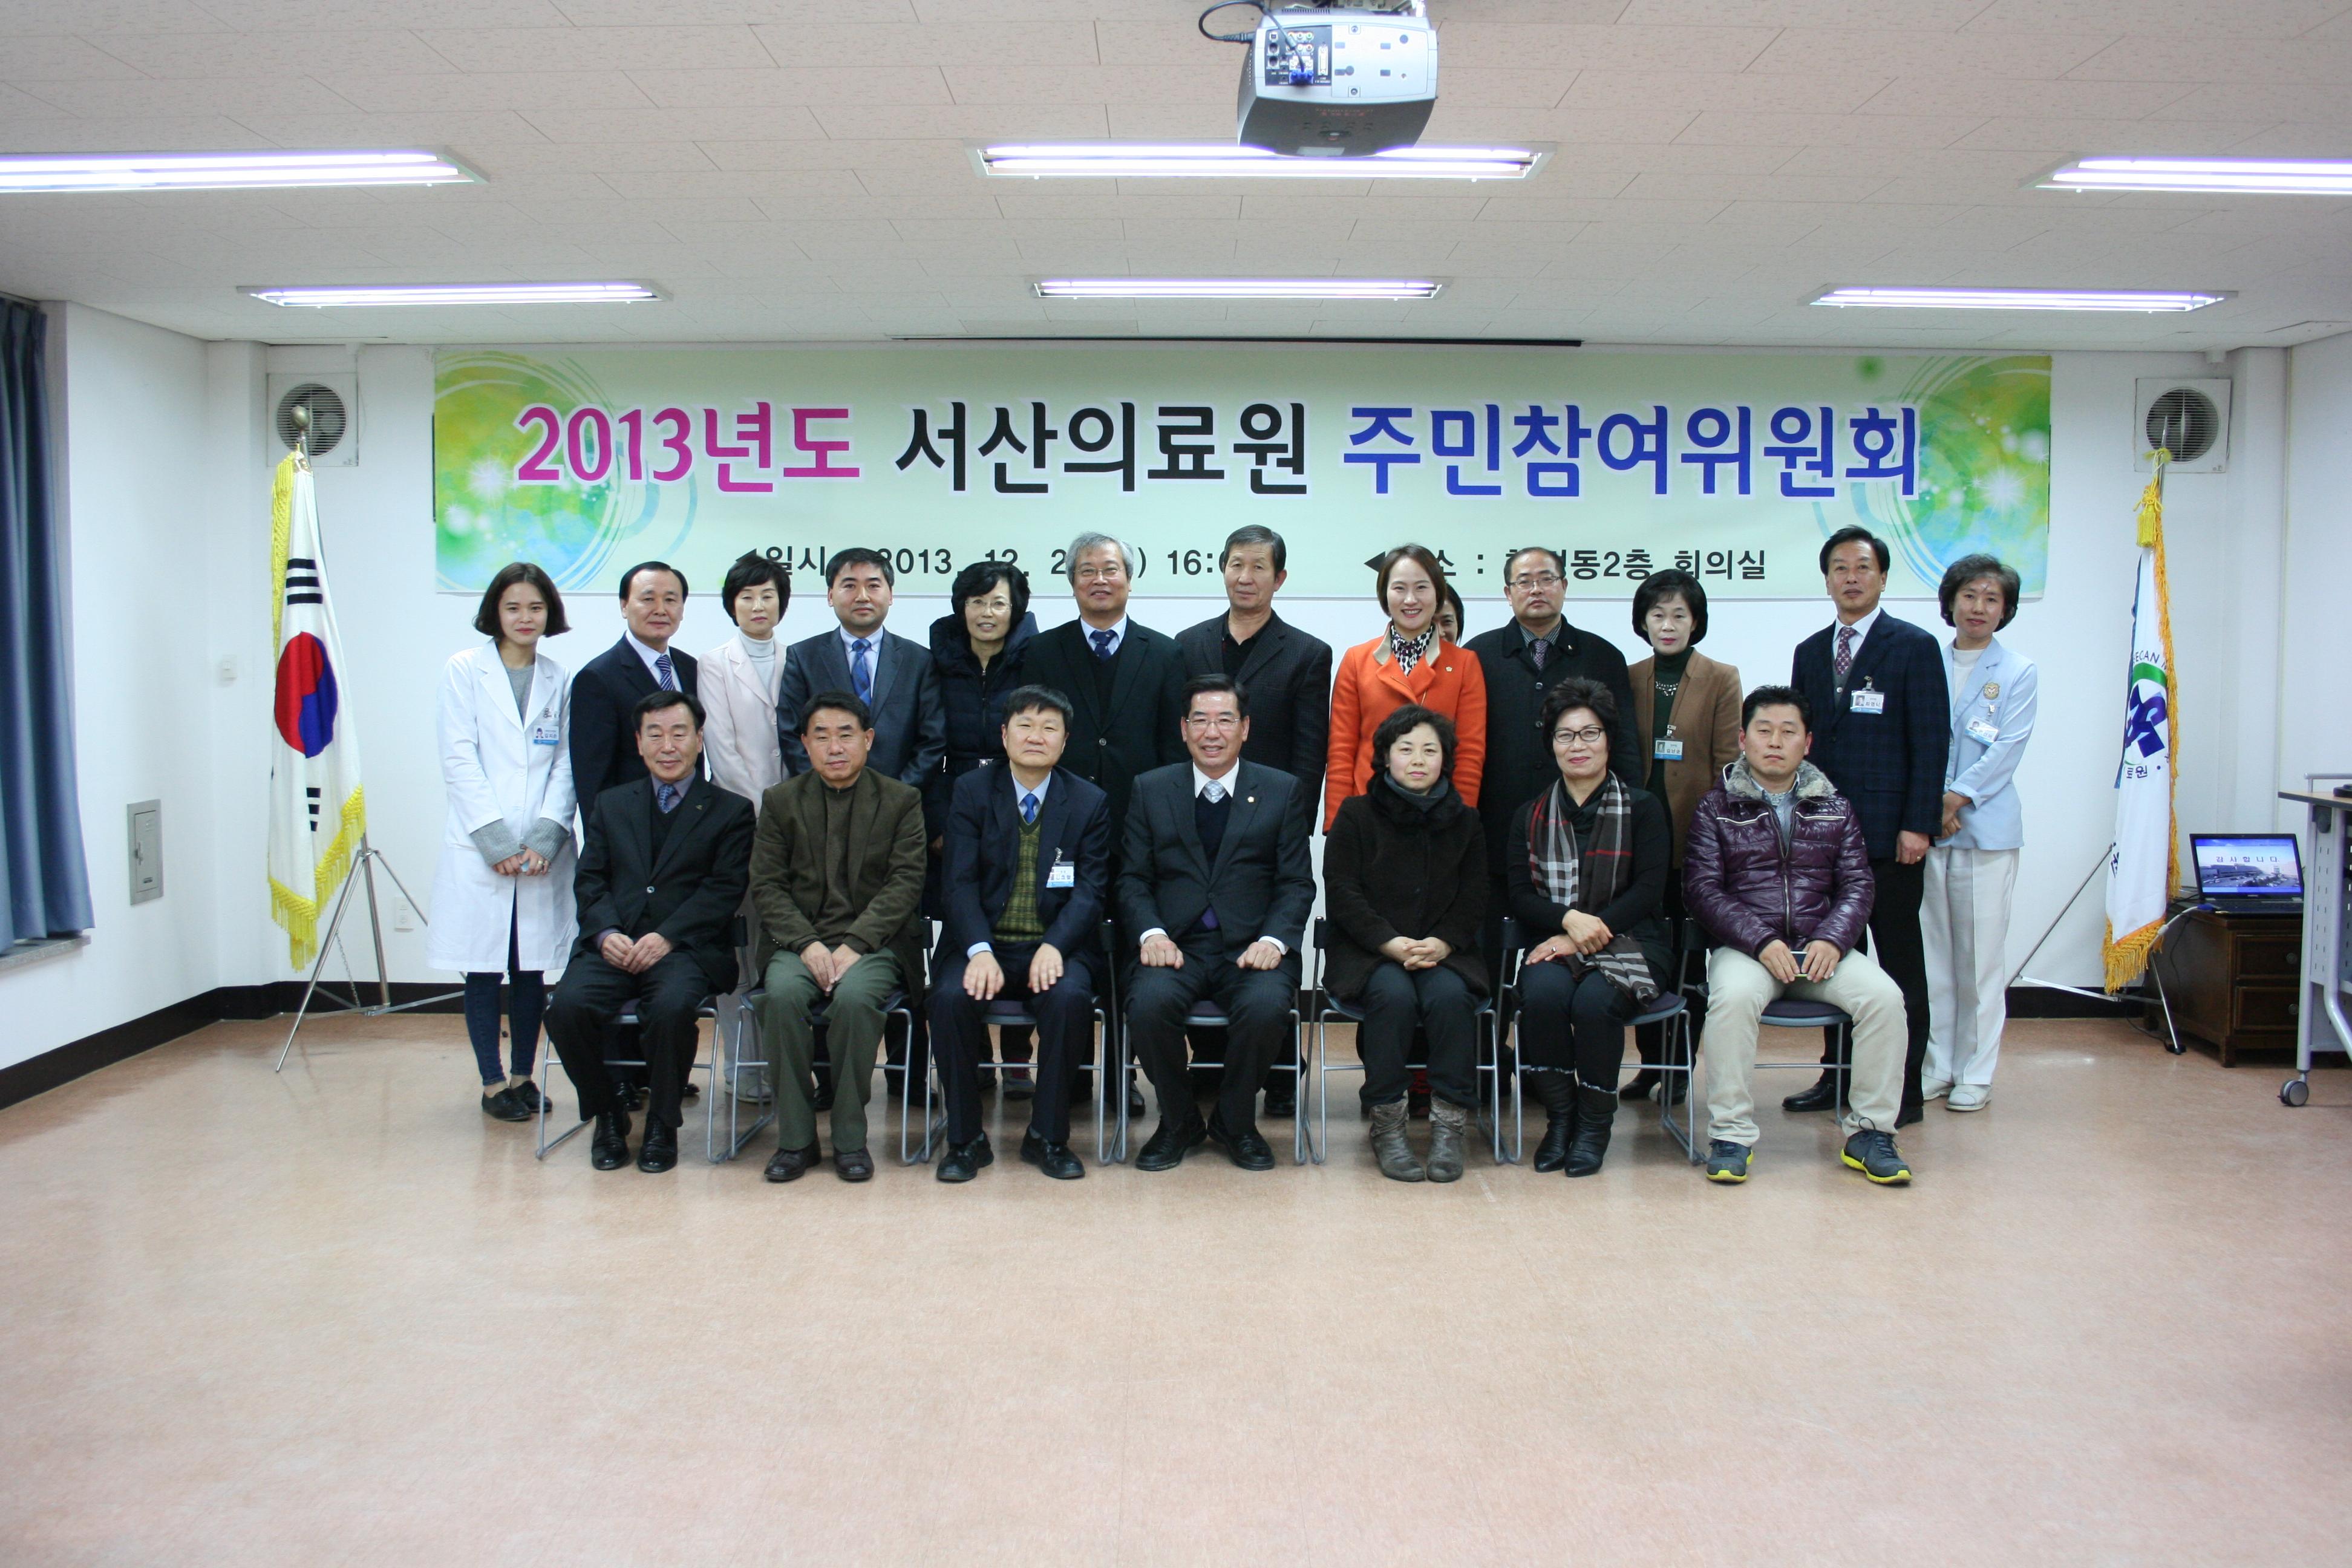 주민참여위원회 단체사진